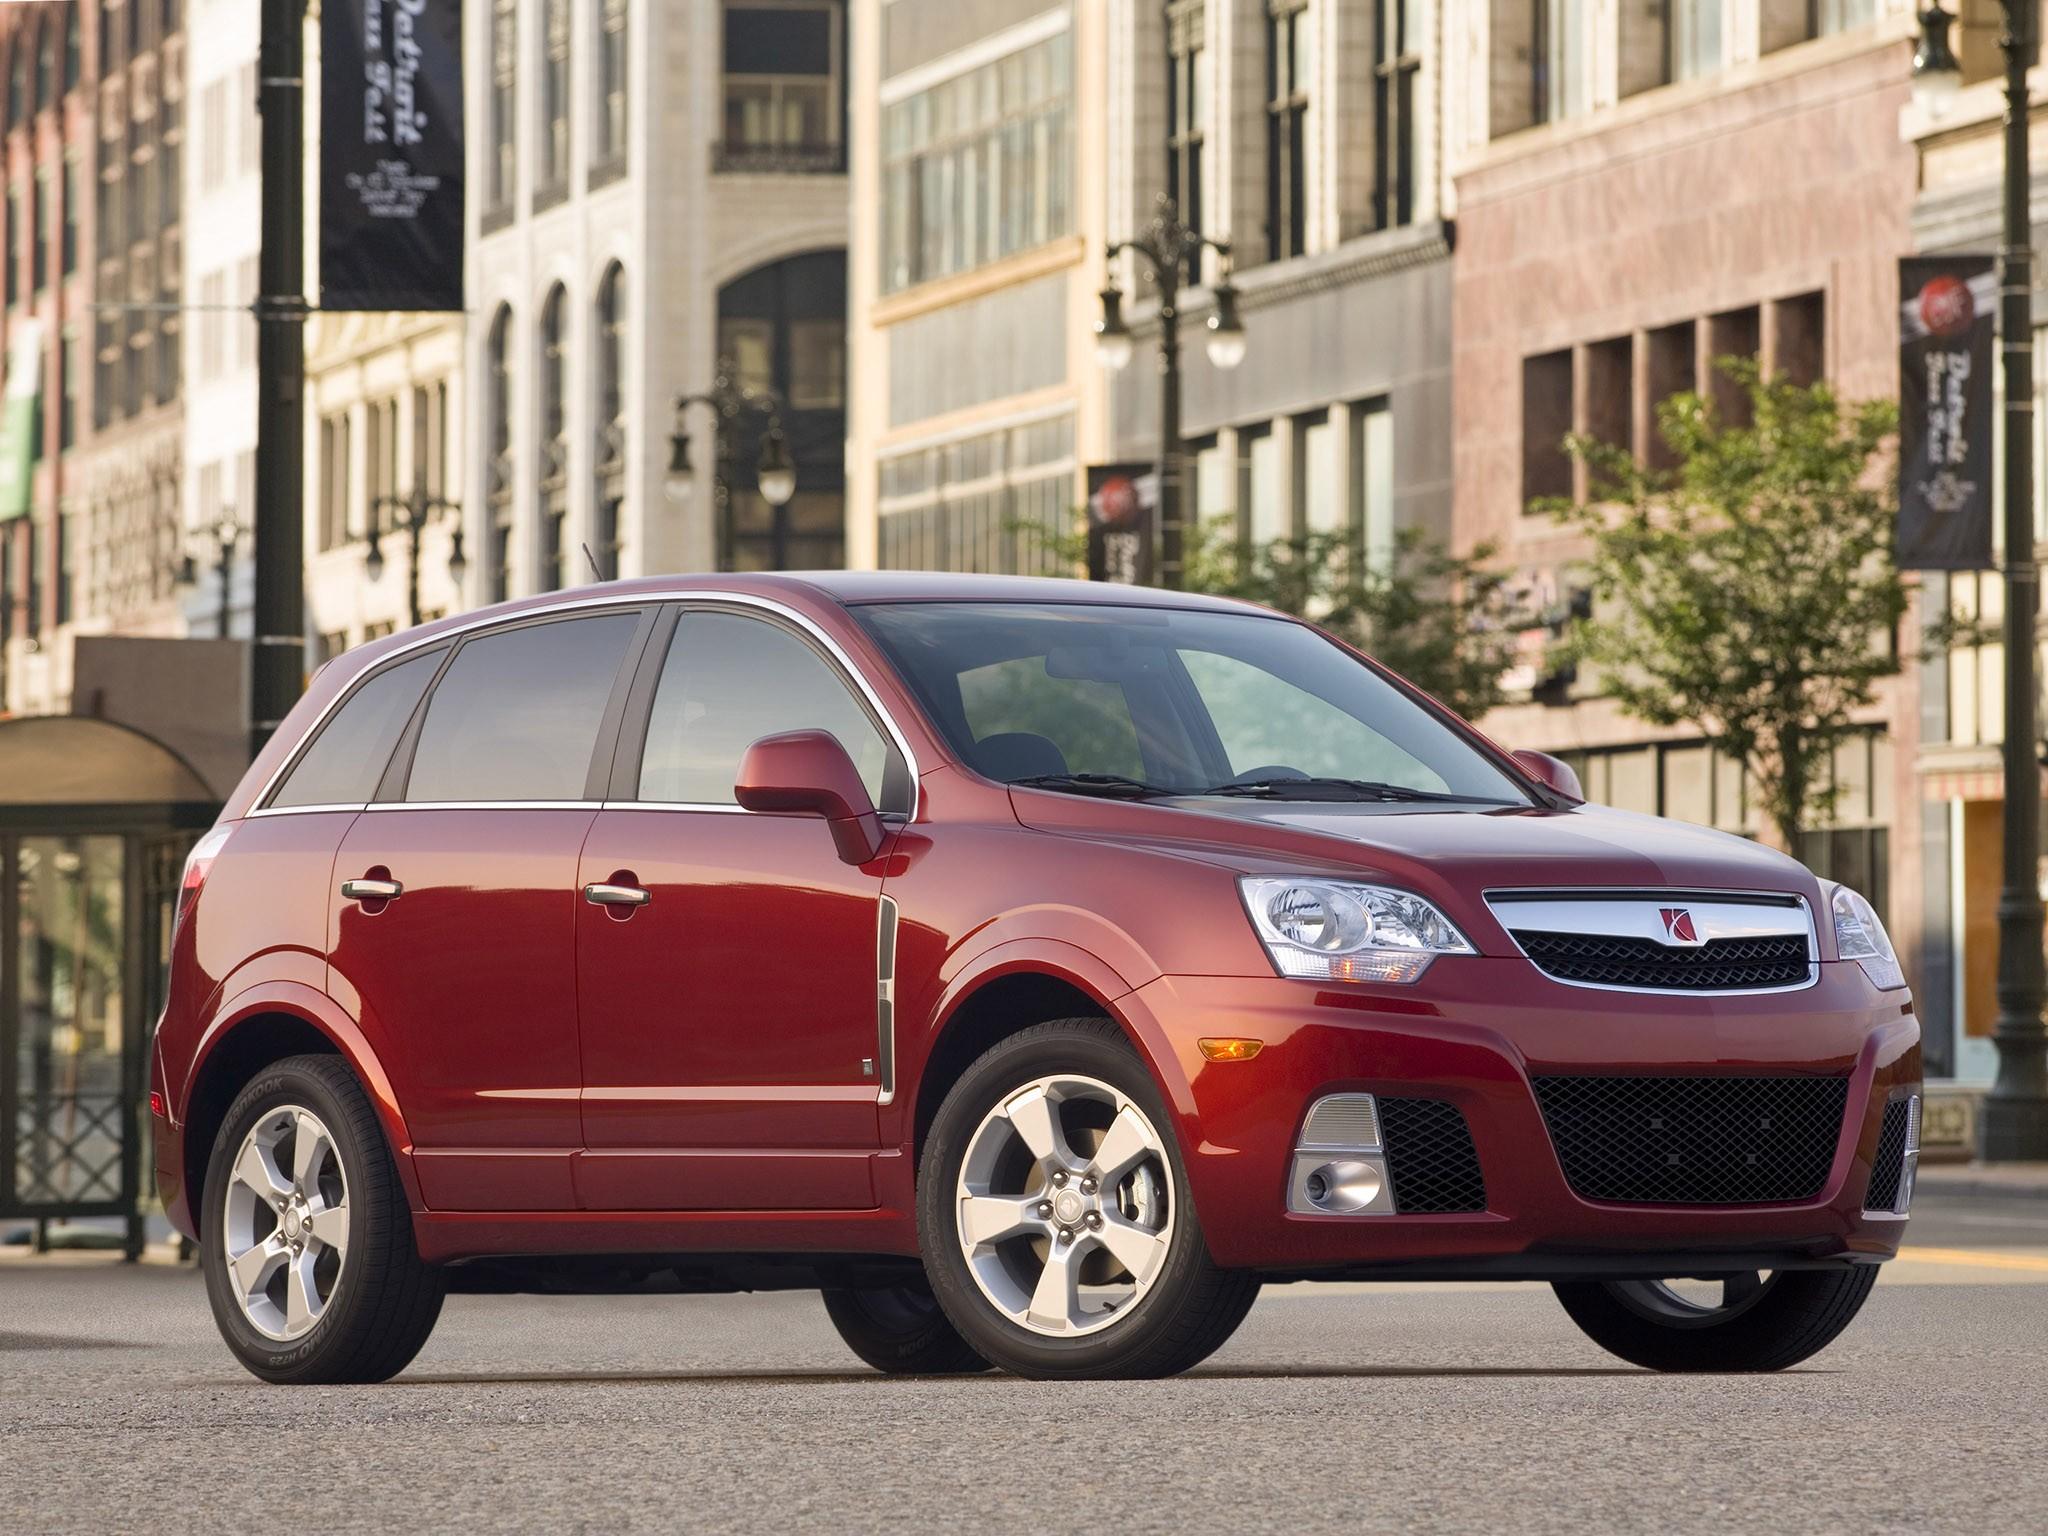 Saturn Constructeur Automobiles du groupe Américain General Motors